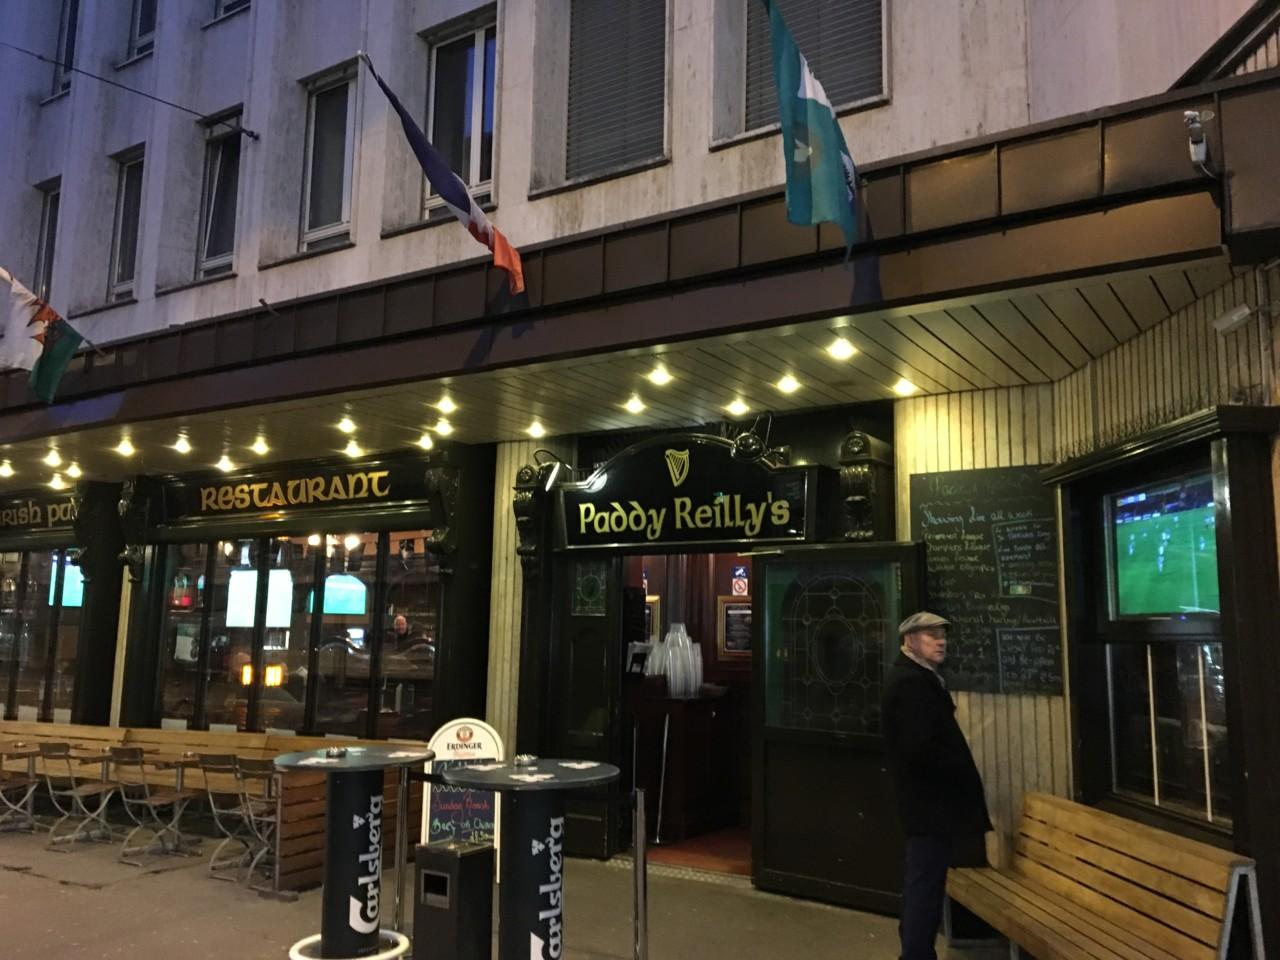 Public Viewing gehört dazu: Das Paddy Reilly's hat einen Screen für Passanten.